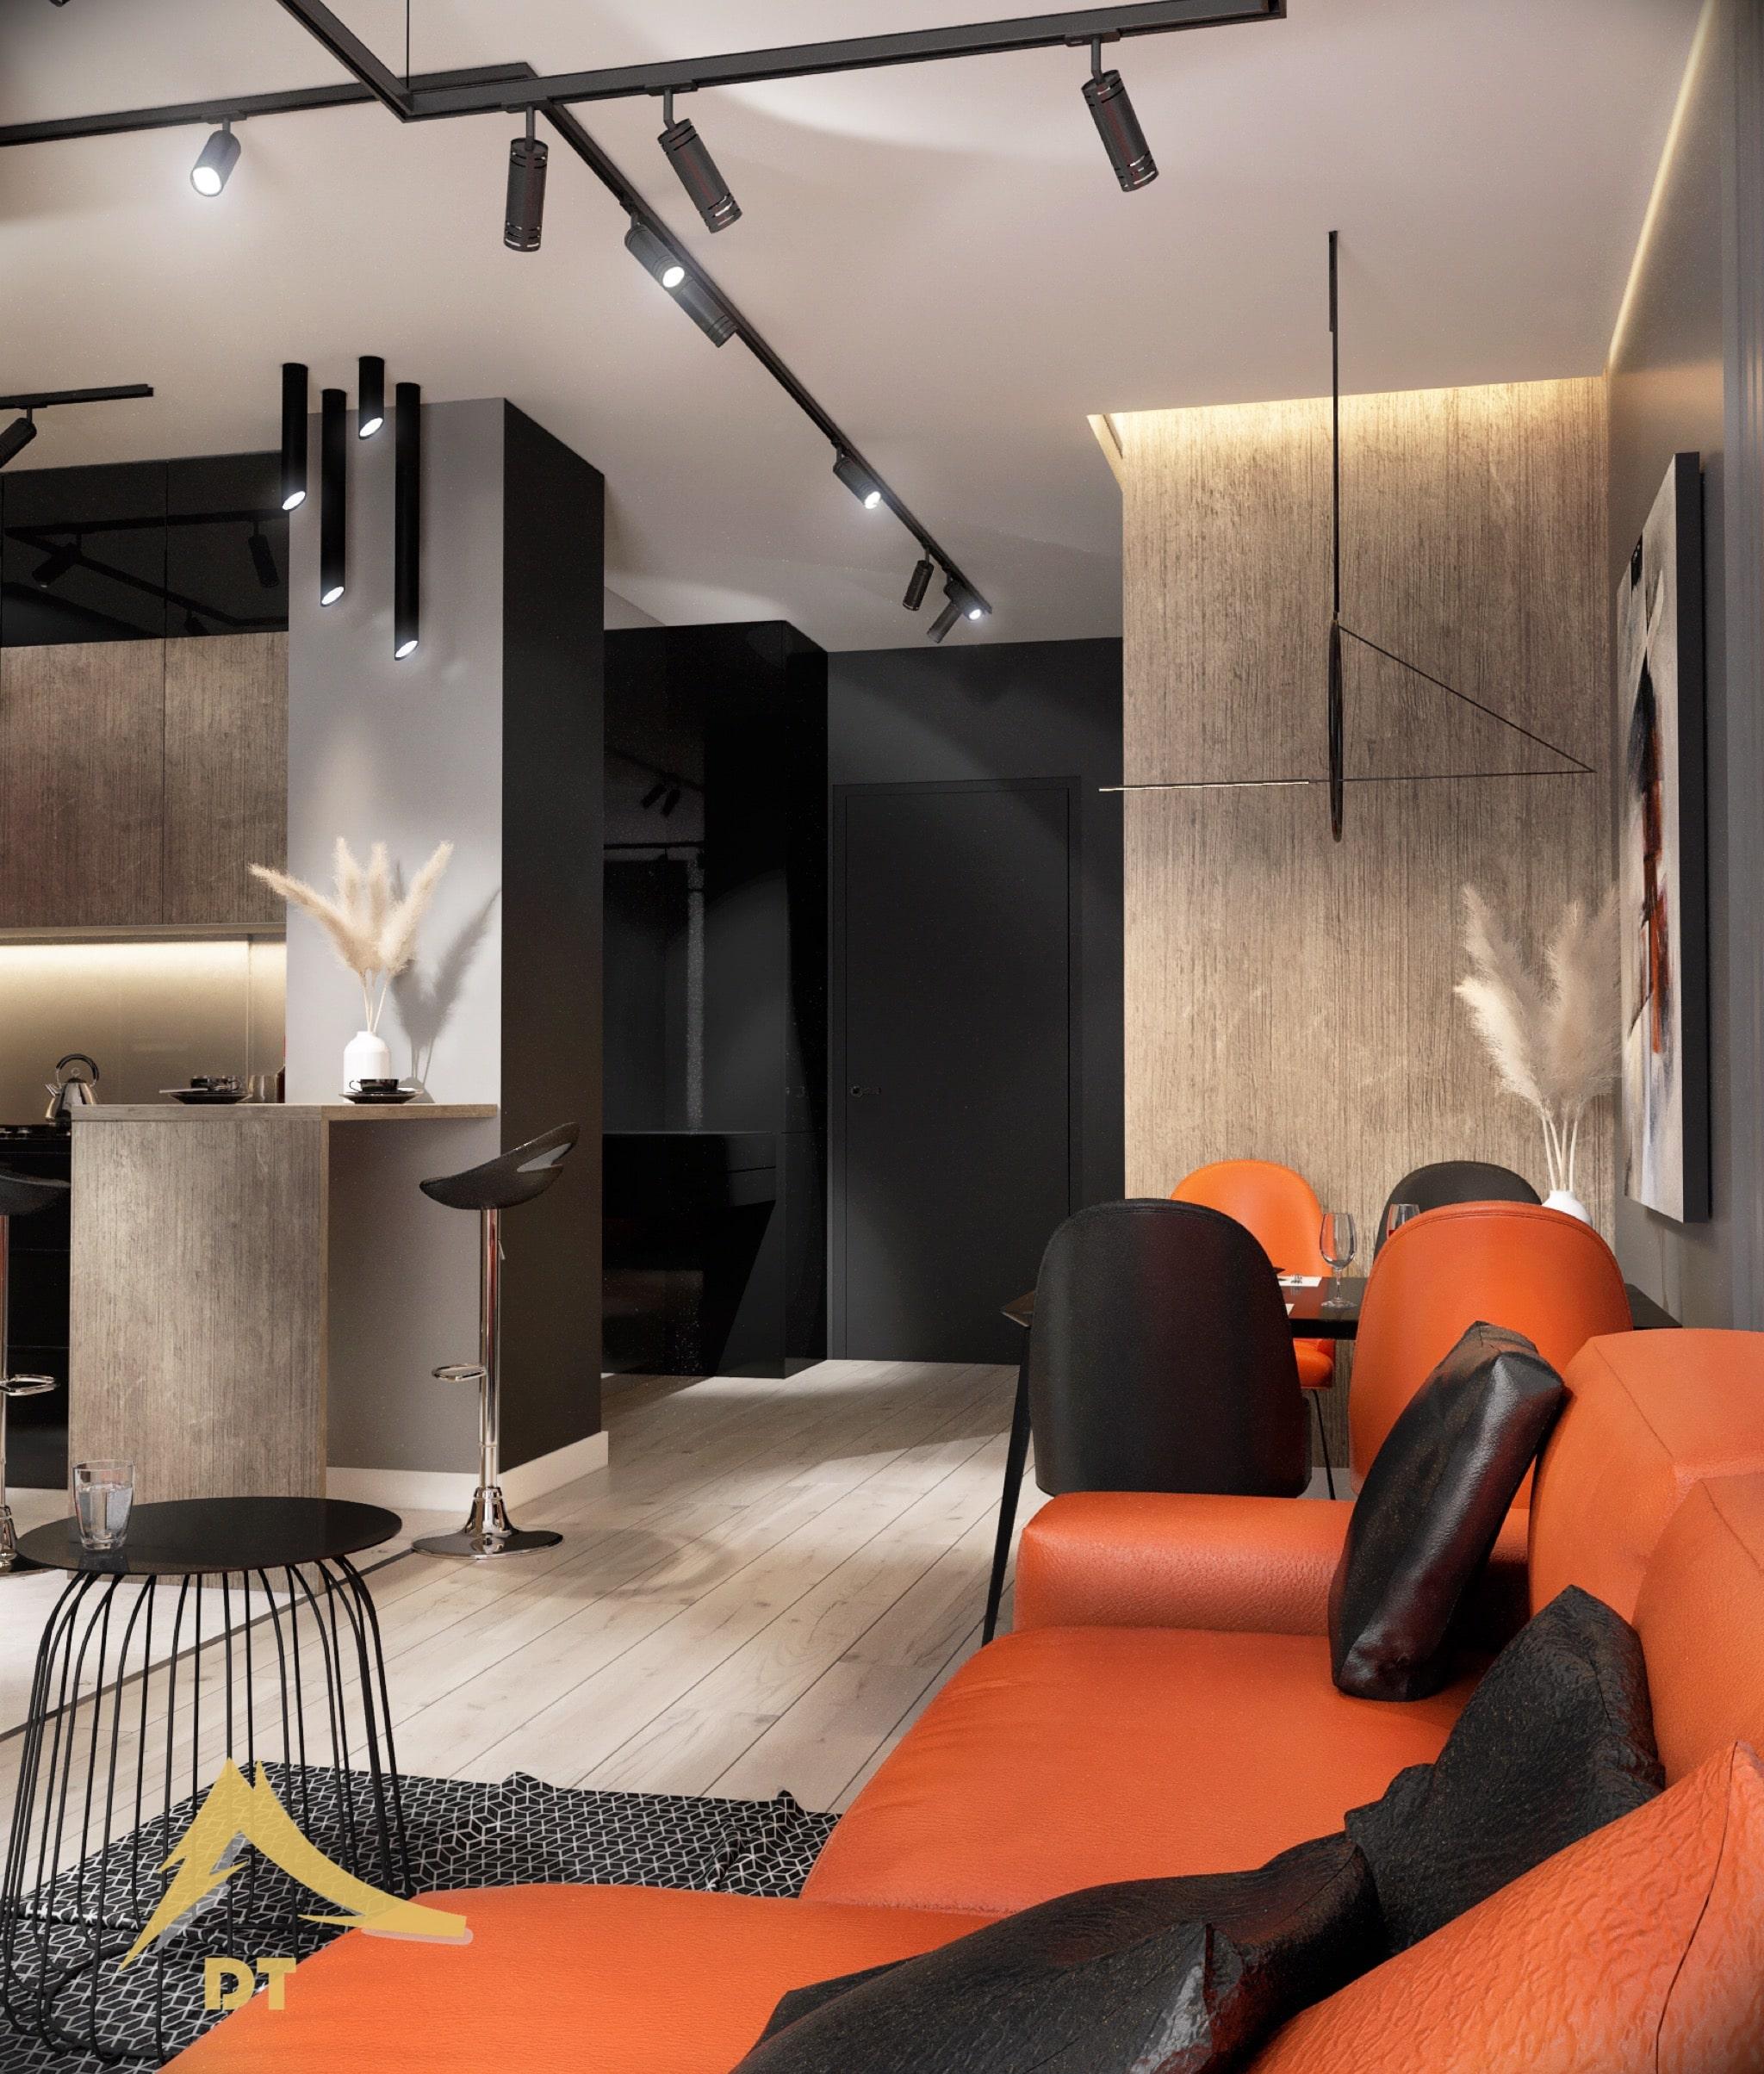 شرکت معماری و دکوراسیون داخلی دکوطرح - hosseinnia niavaran 4